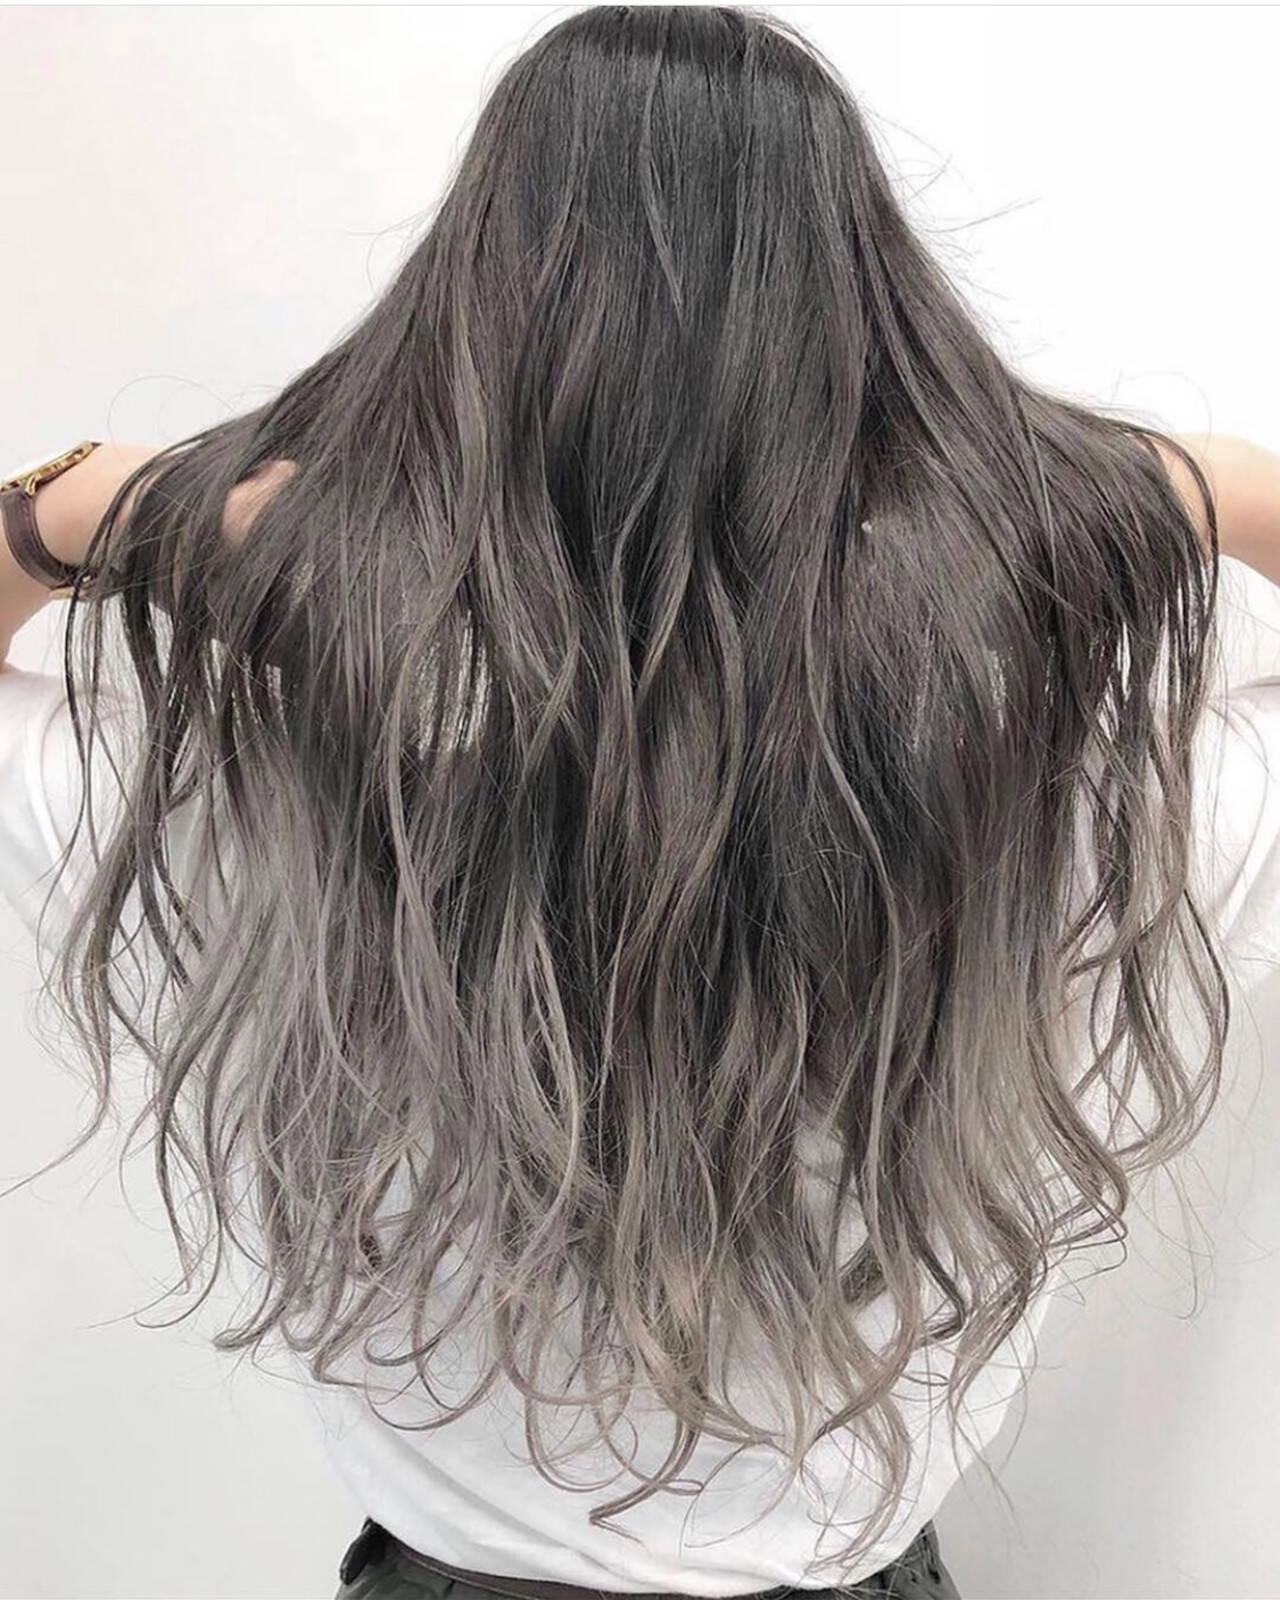 アッシュグレー ストリート グラデーションカラー シルバーアッシュヘアスタイルや髪型の写真・画像